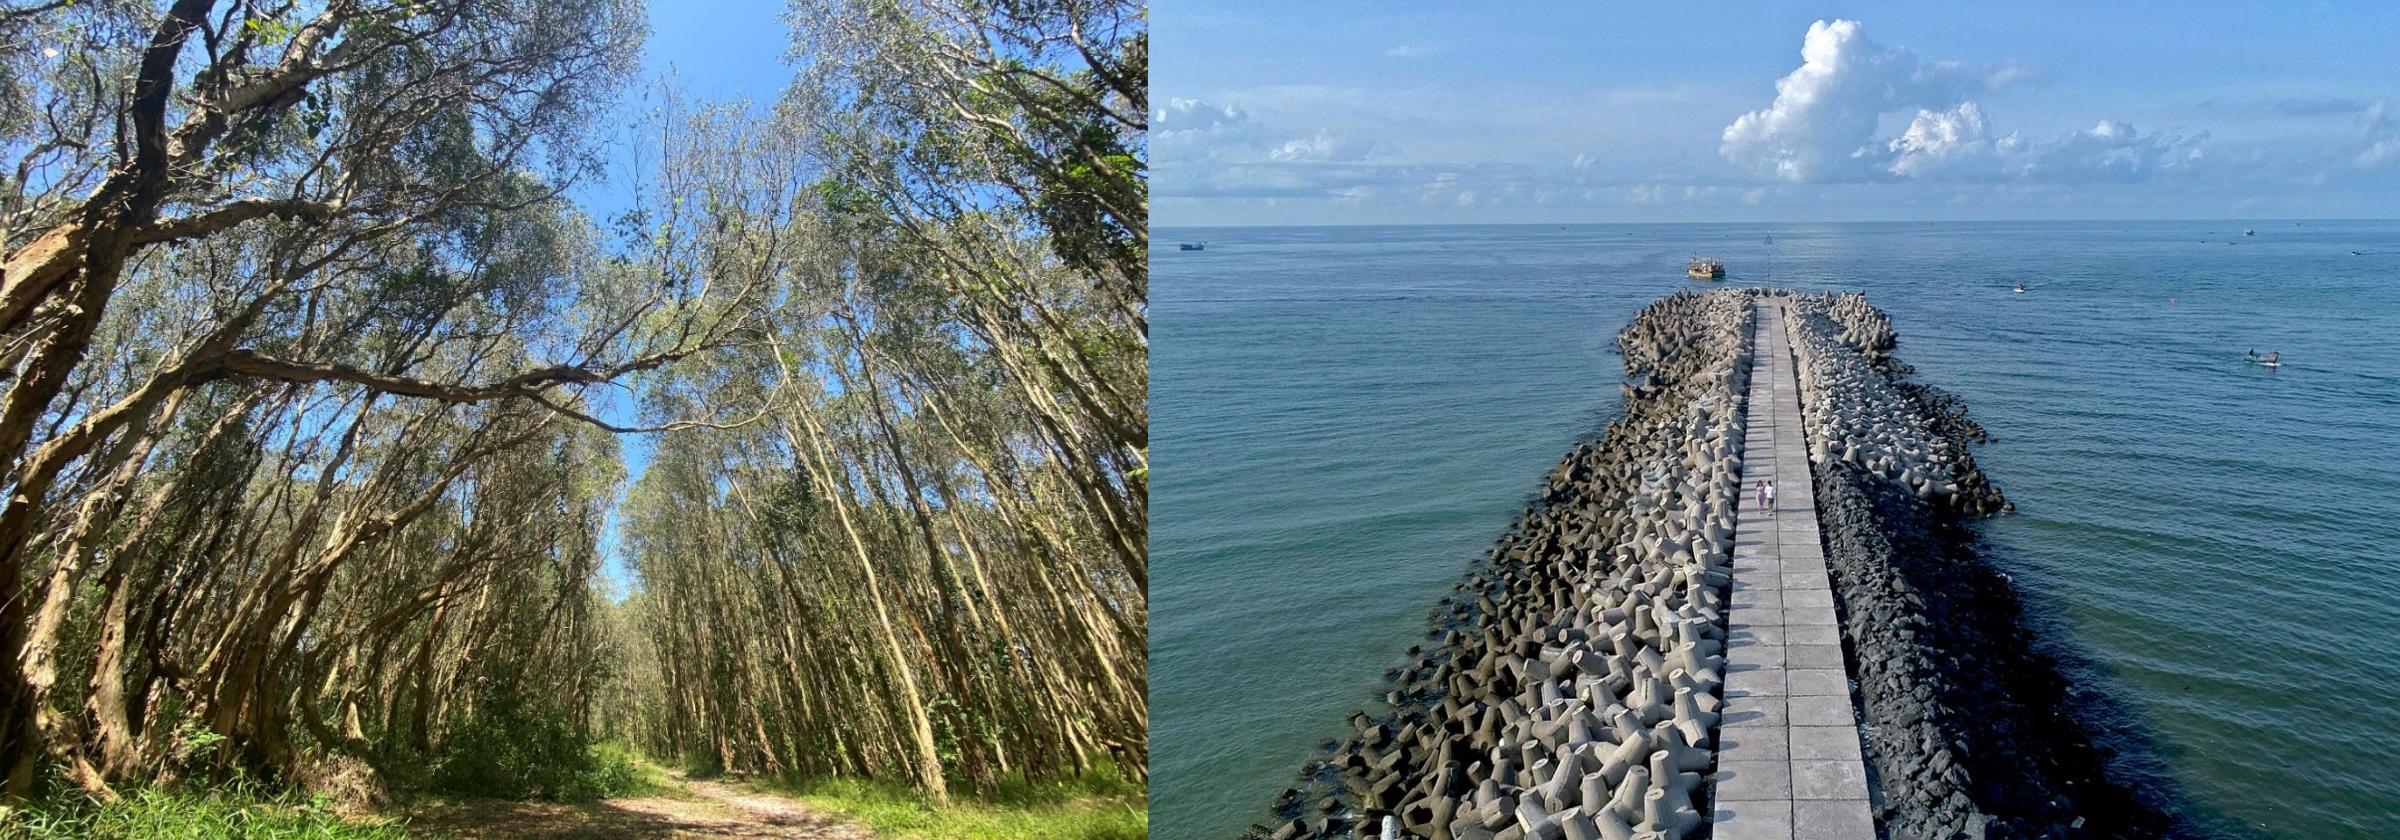 Hồ Tràm nổi tiếng với những bãi tắm trong xanh, được CNNGO bình chọn là một trong những bãi biển hoang sơ đẹp nhất thế giới. Ngoài ra, hệ sinh thái rừng - biển được bảo tồn nguyên vẹn góp phần kiến tạo mảng xanh tự nhiên cho nơi đây.